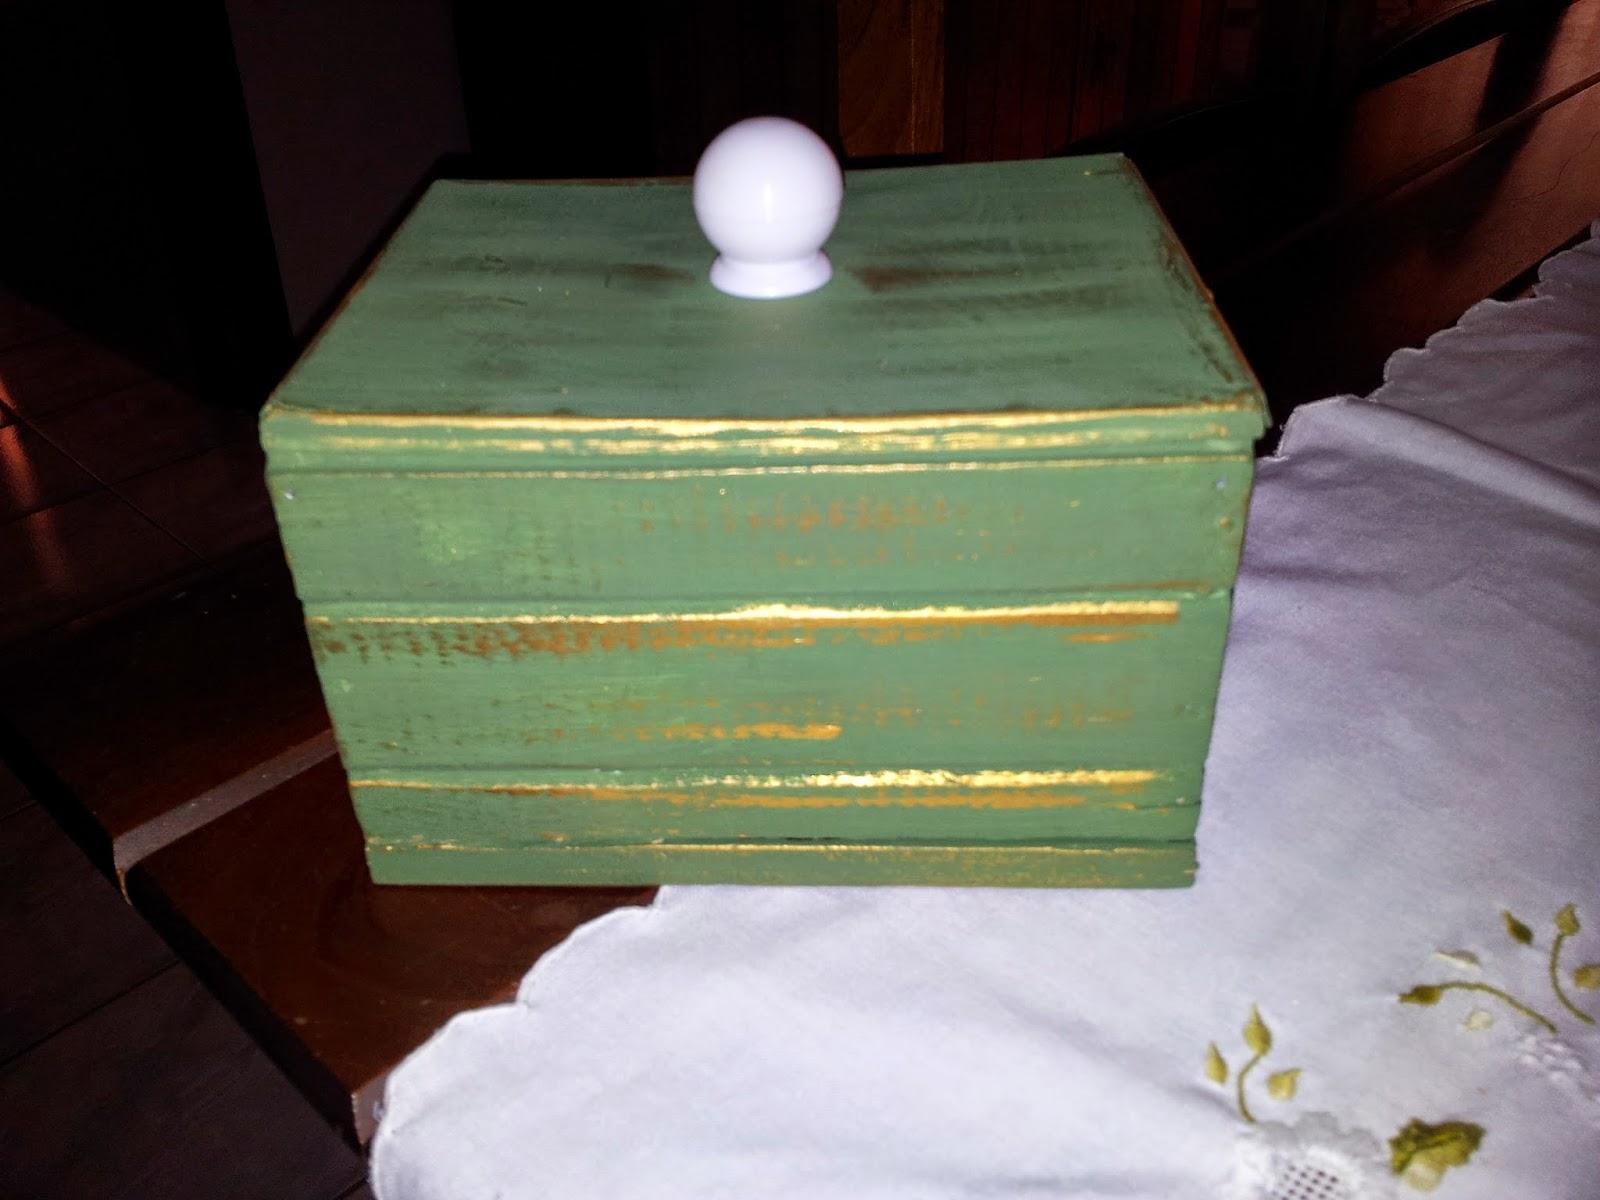 #948837  de tinta e pincéis de cavaletes de pintura e um cabide de madeira 1600x1200 px como reaproveitar caixas de madeira @ bernauer.info Móveis Antigos Novos E Usados Online